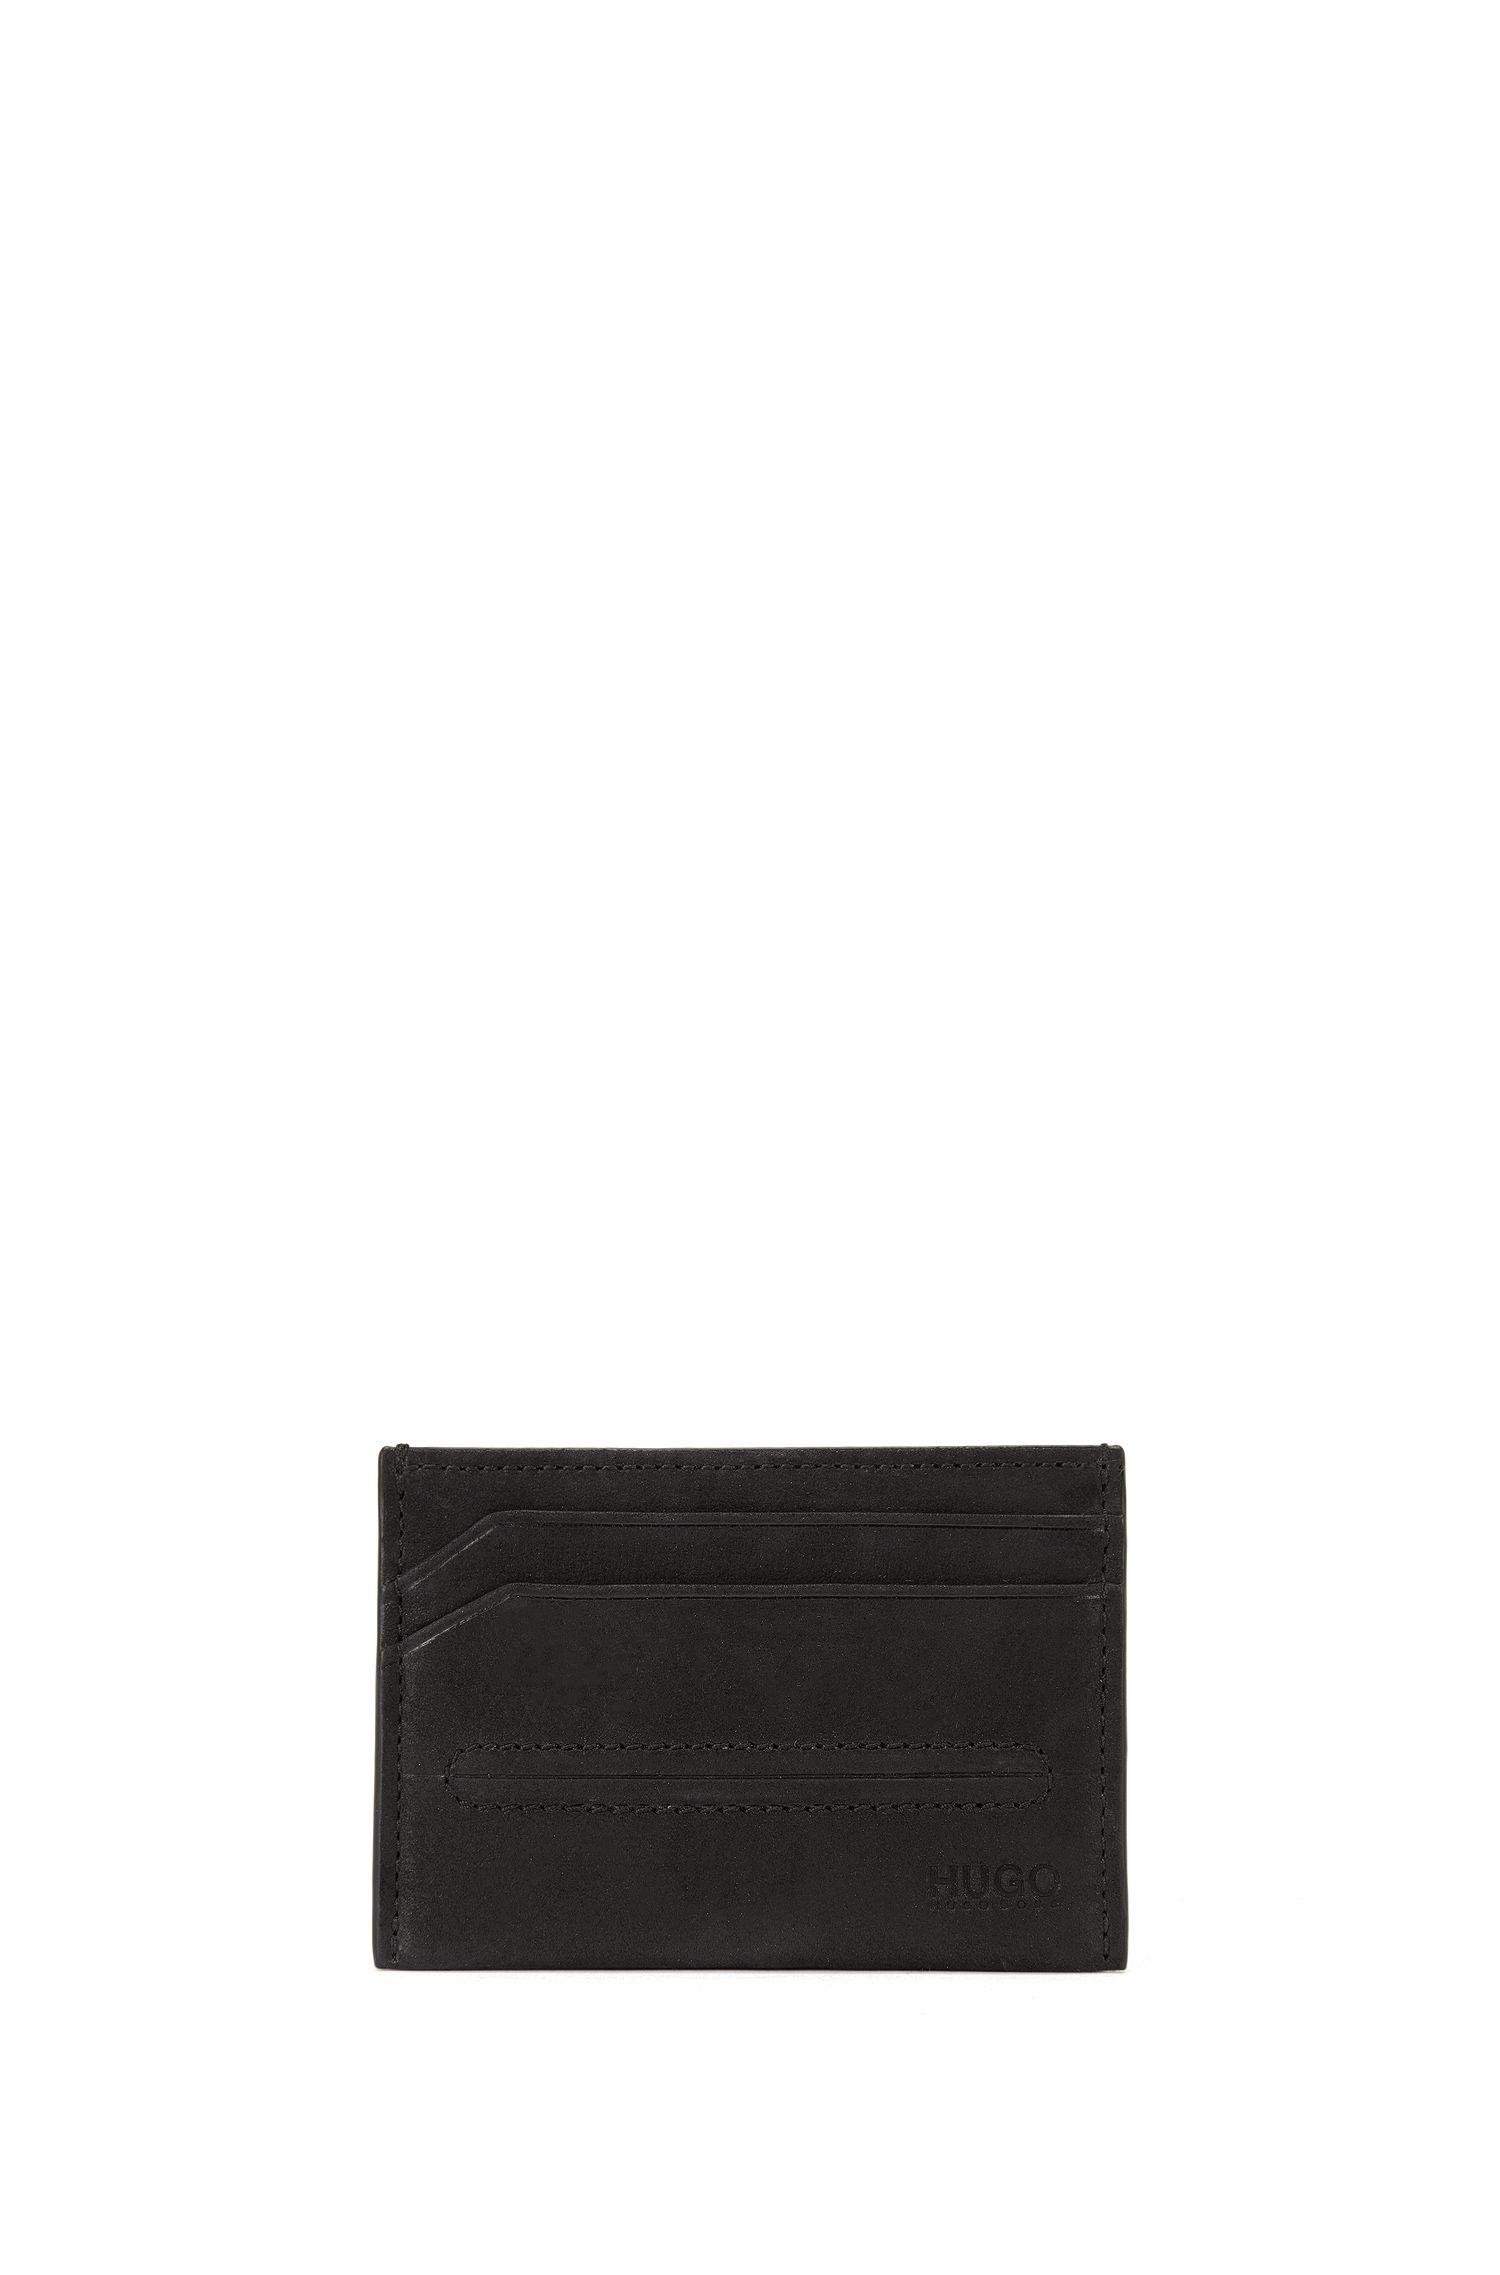 Porte-cartes en cuir orné d'une surpiqûre à effet bombé